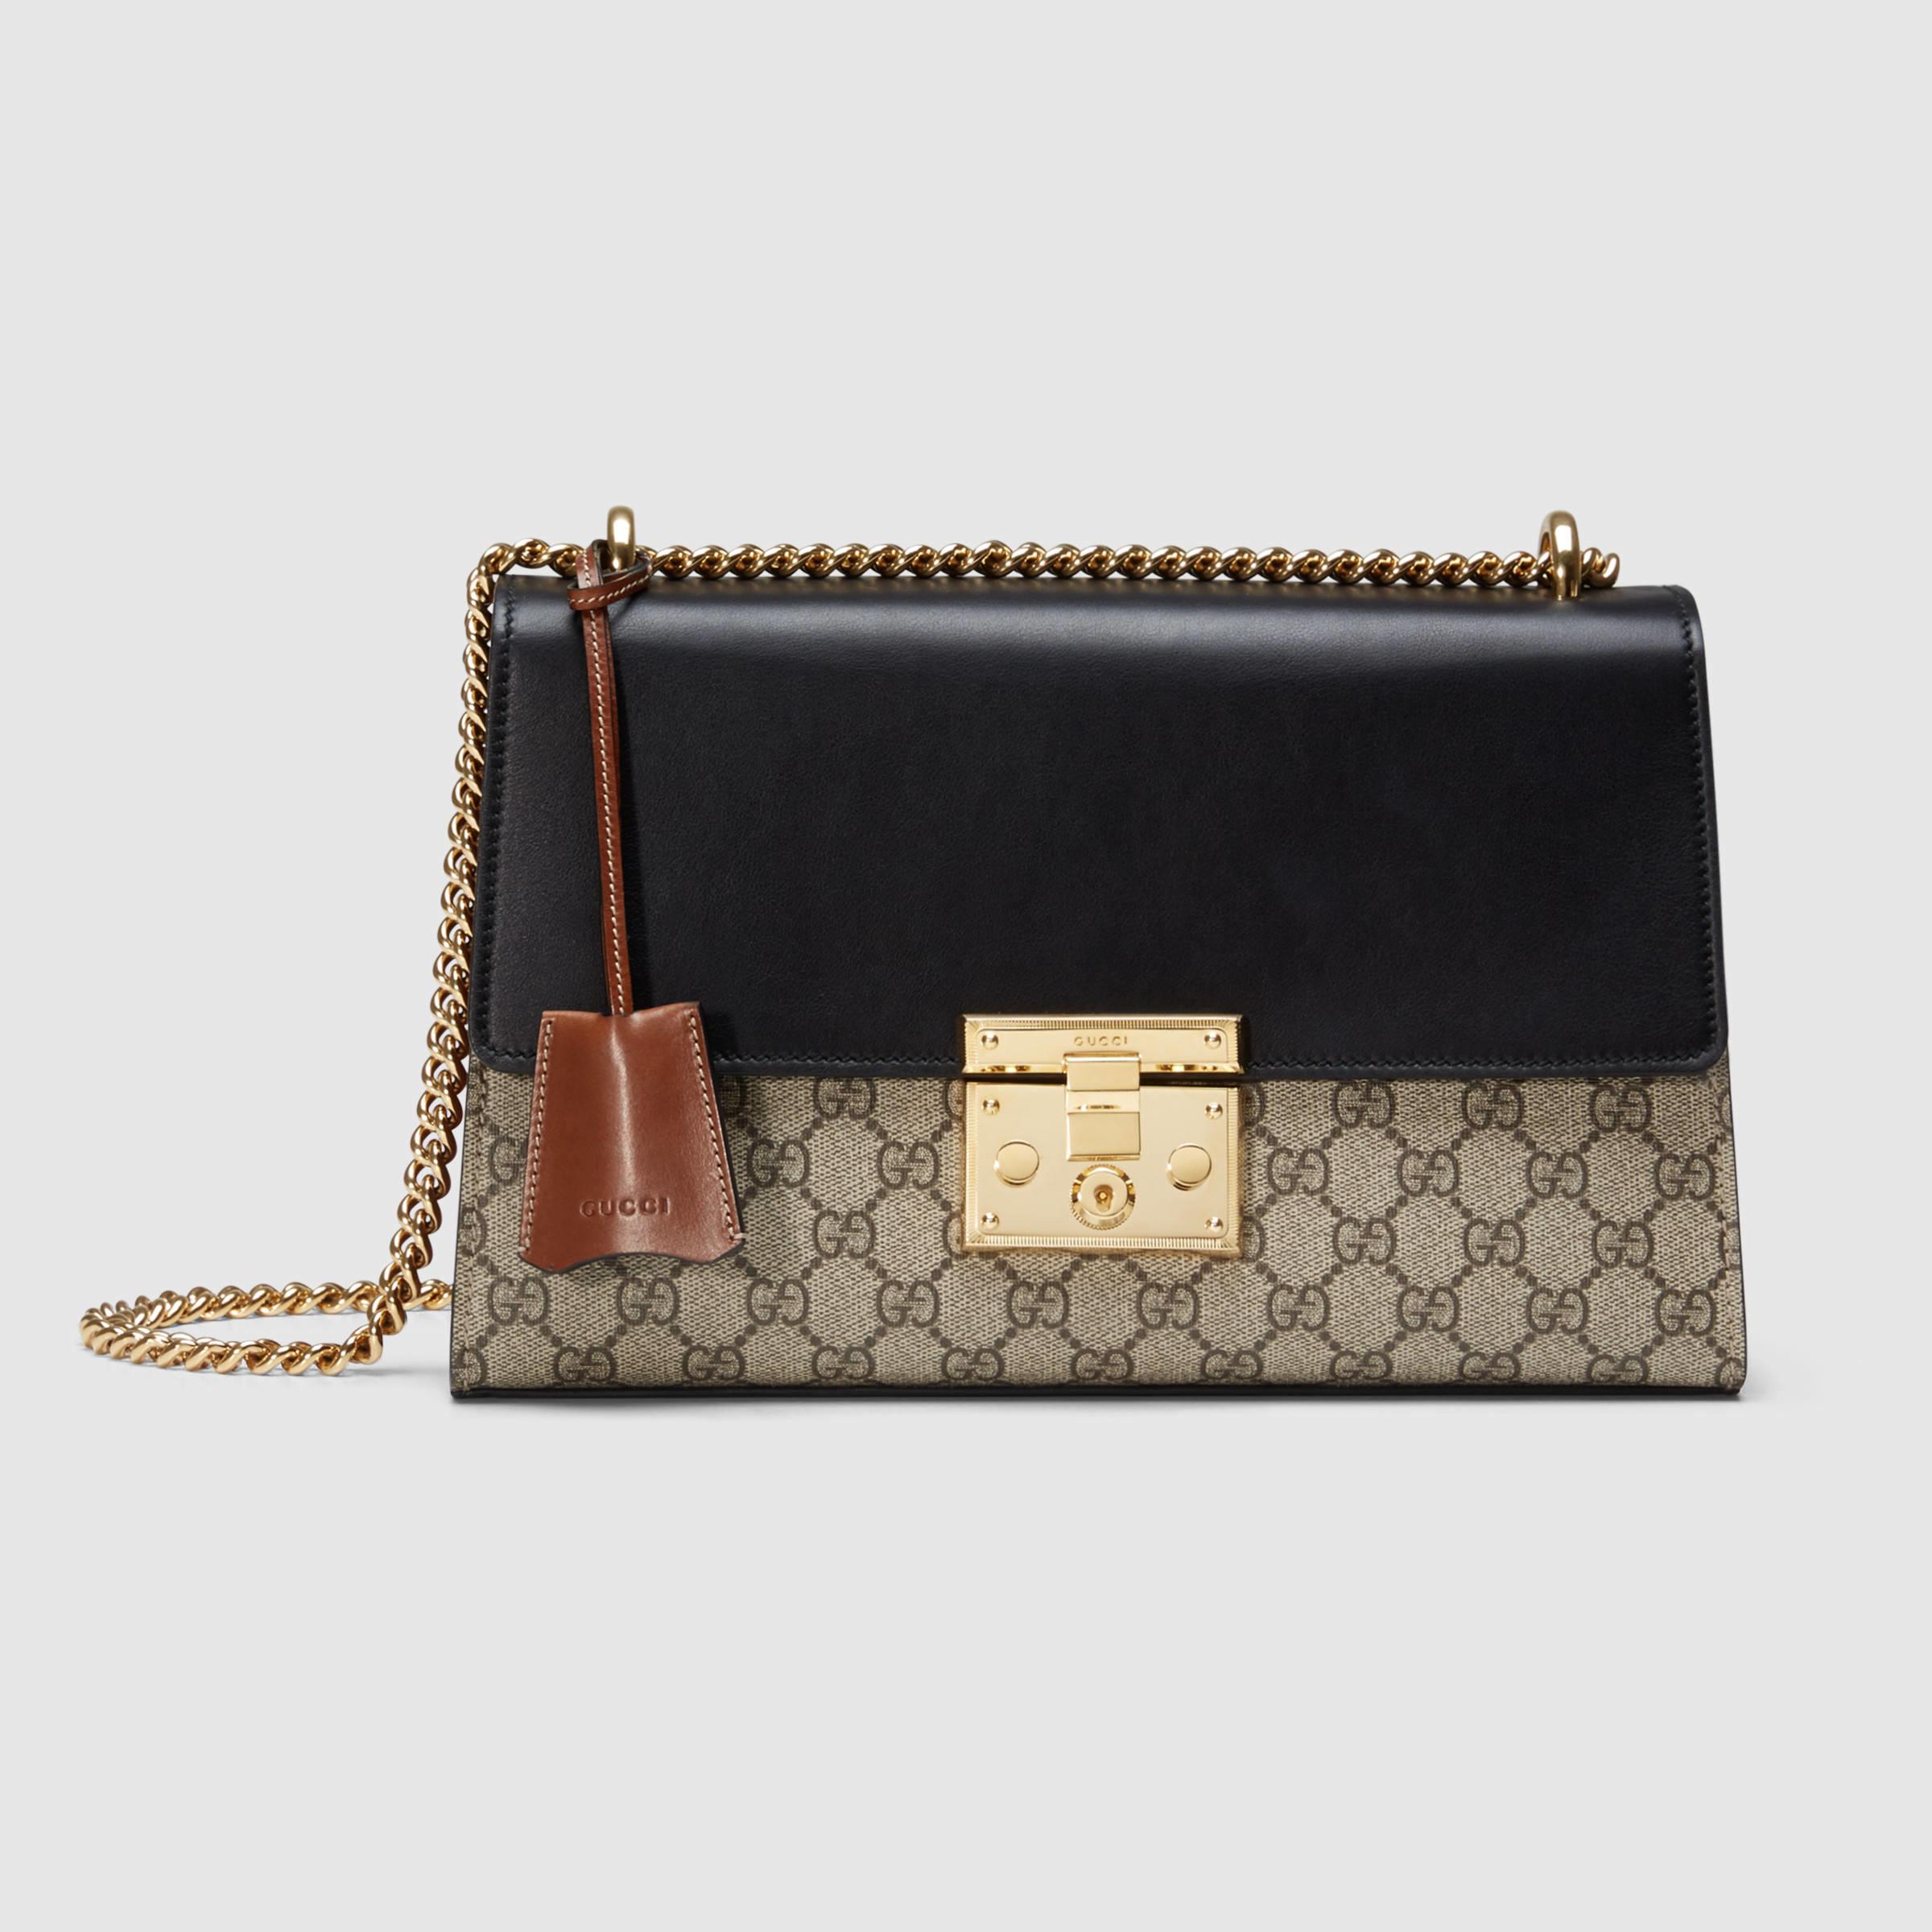 af48fcbe71b3a Gucci Padlock Gg Supreme Shoulder Bag Uk   Stanford Center for ...